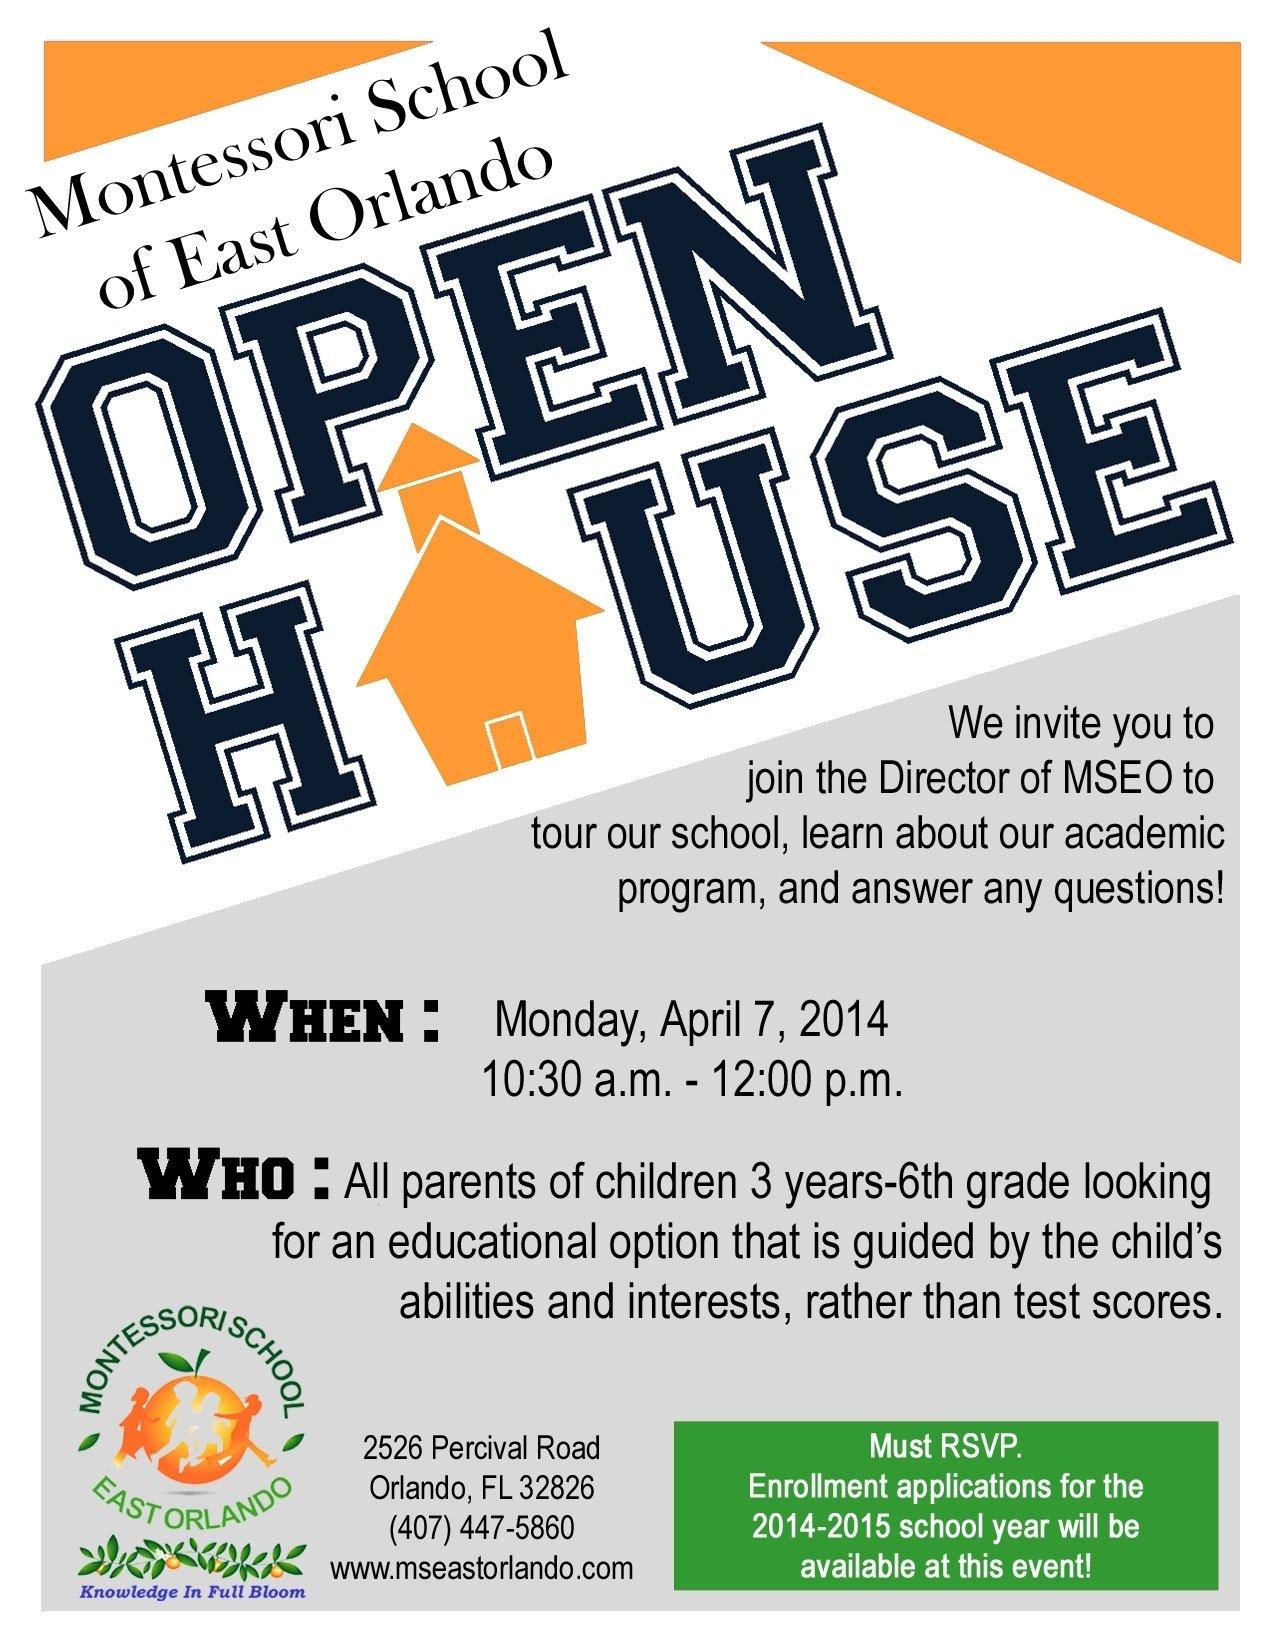 10 Lovely Middle School Open House Ideas school open house flyers on behance bunch ideas of school open house 2020